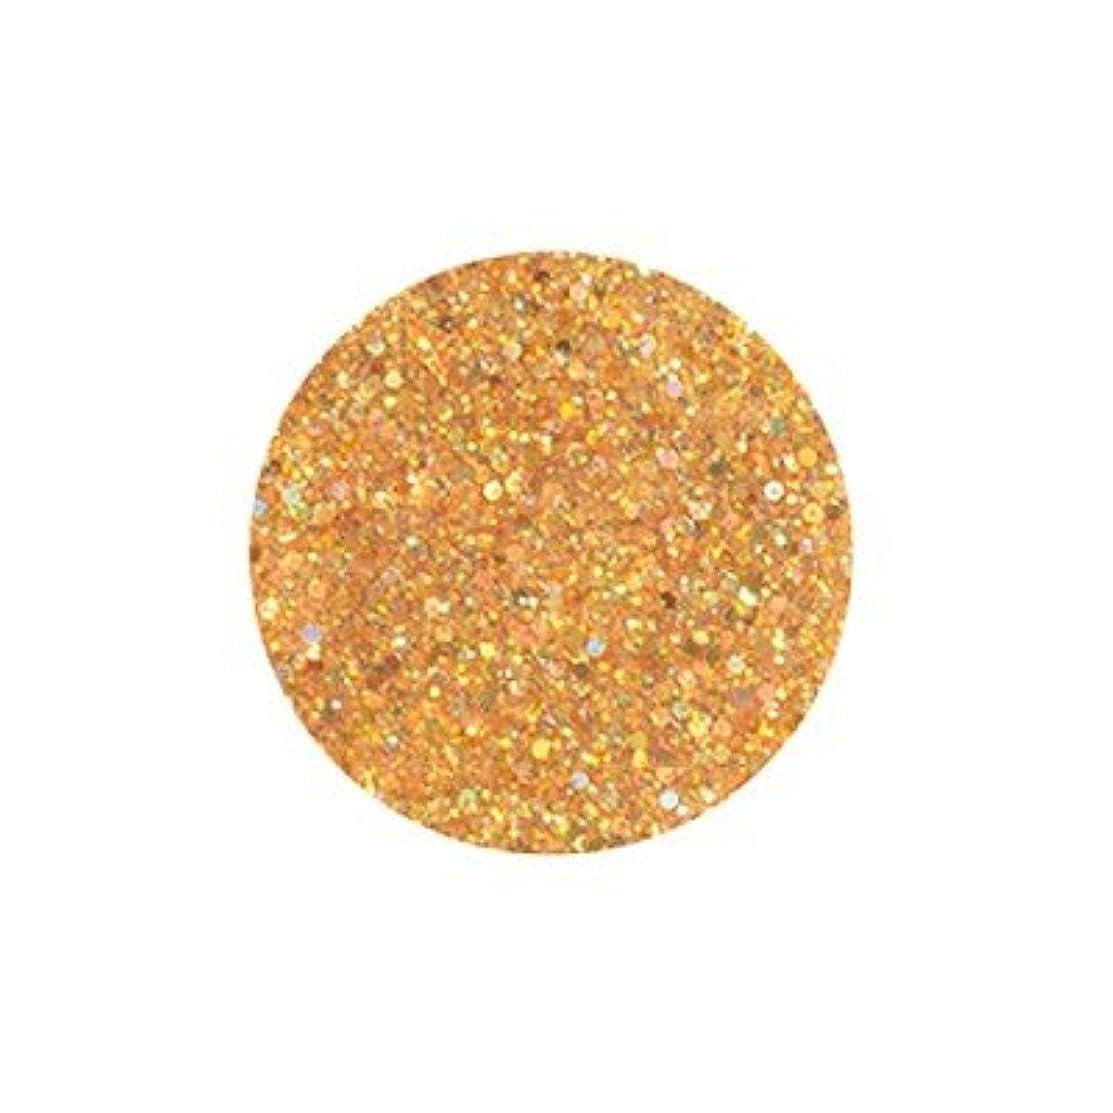 オセアニア個性発動機FANTASY NAIL ダイヤモンドコレクション 3g 4254XS カラーパウダー アート材